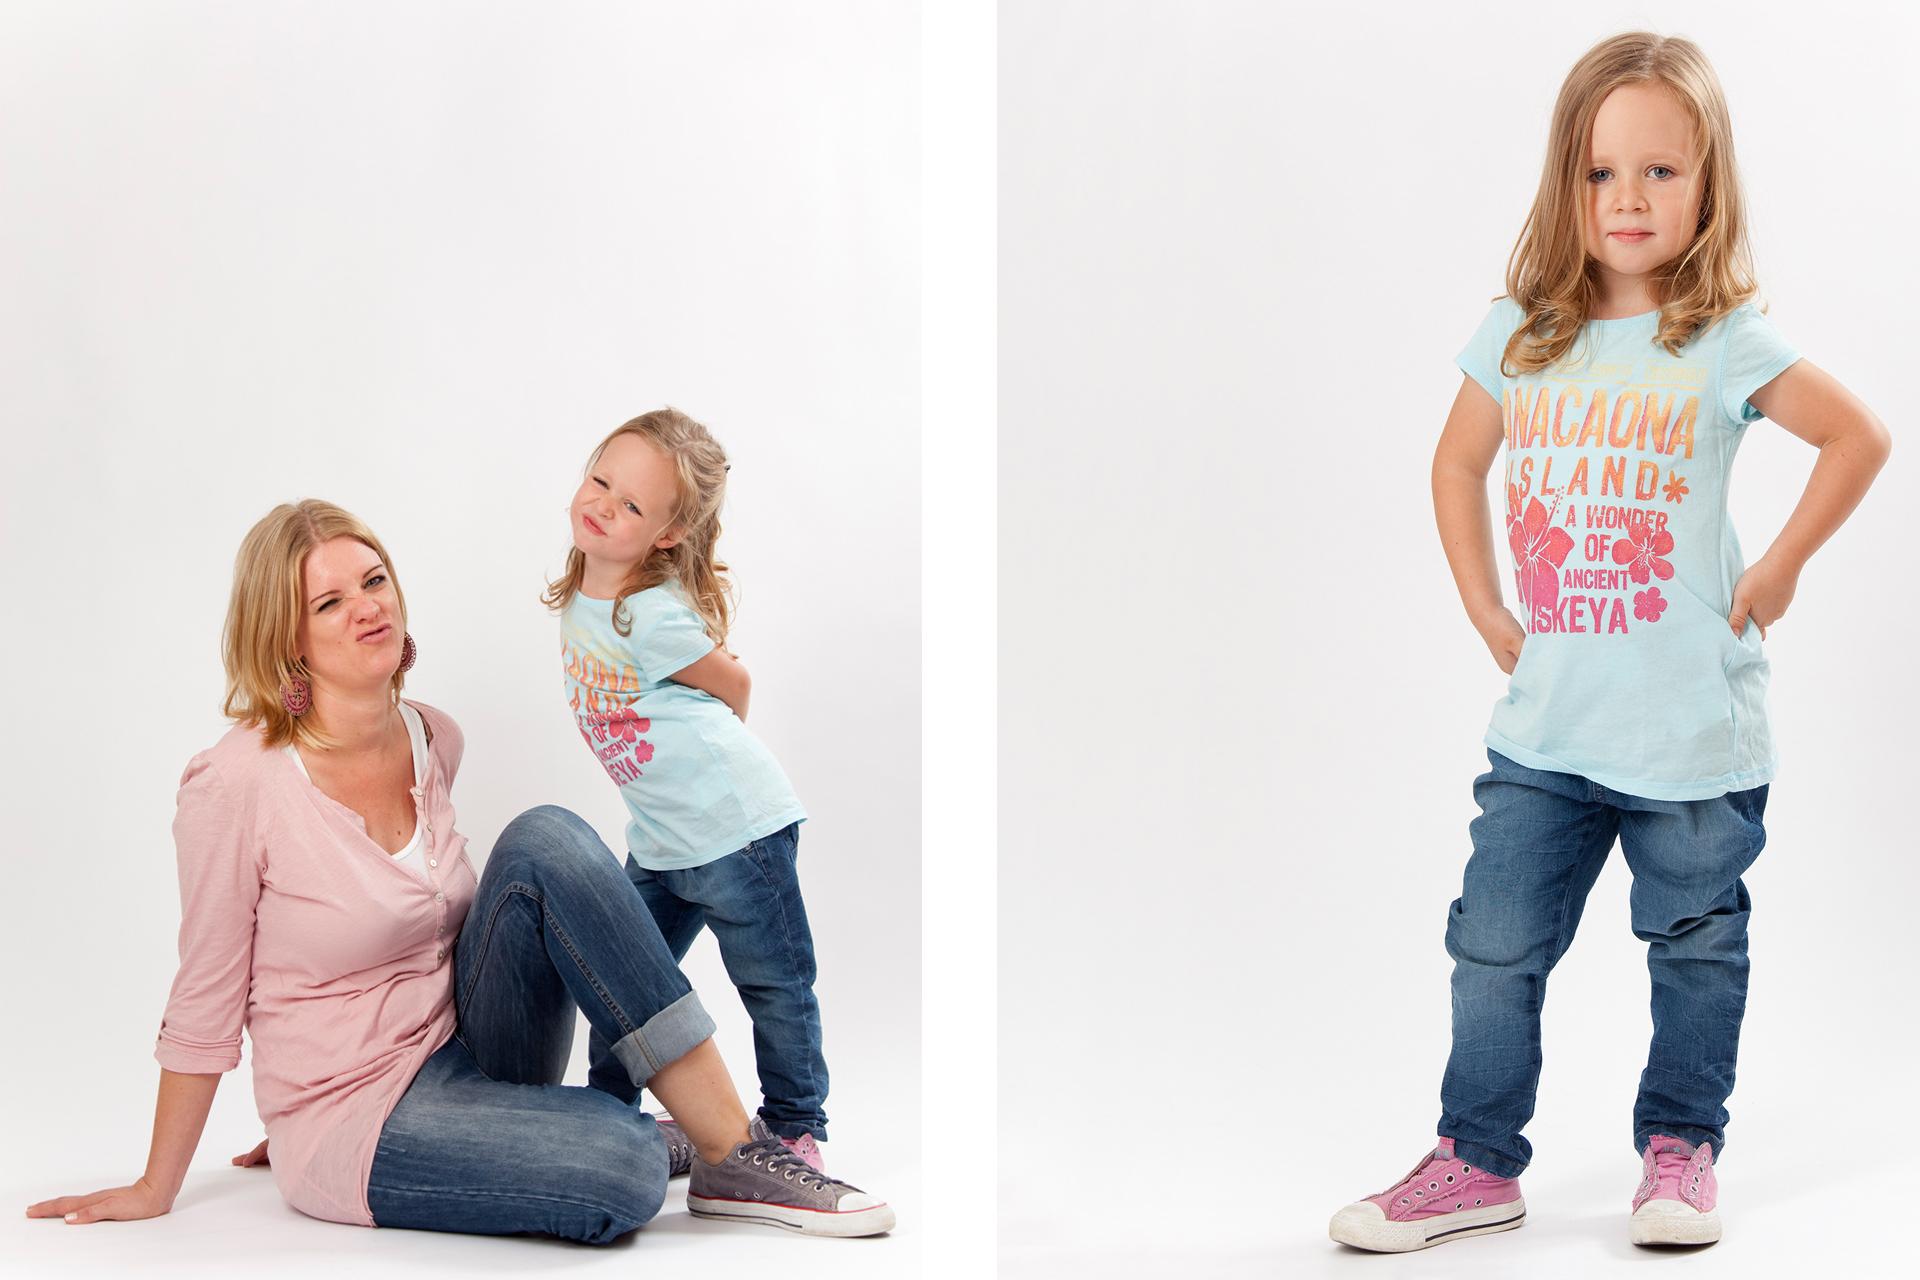 Berufsfotografin-Liesa-Flemming-Familie-02